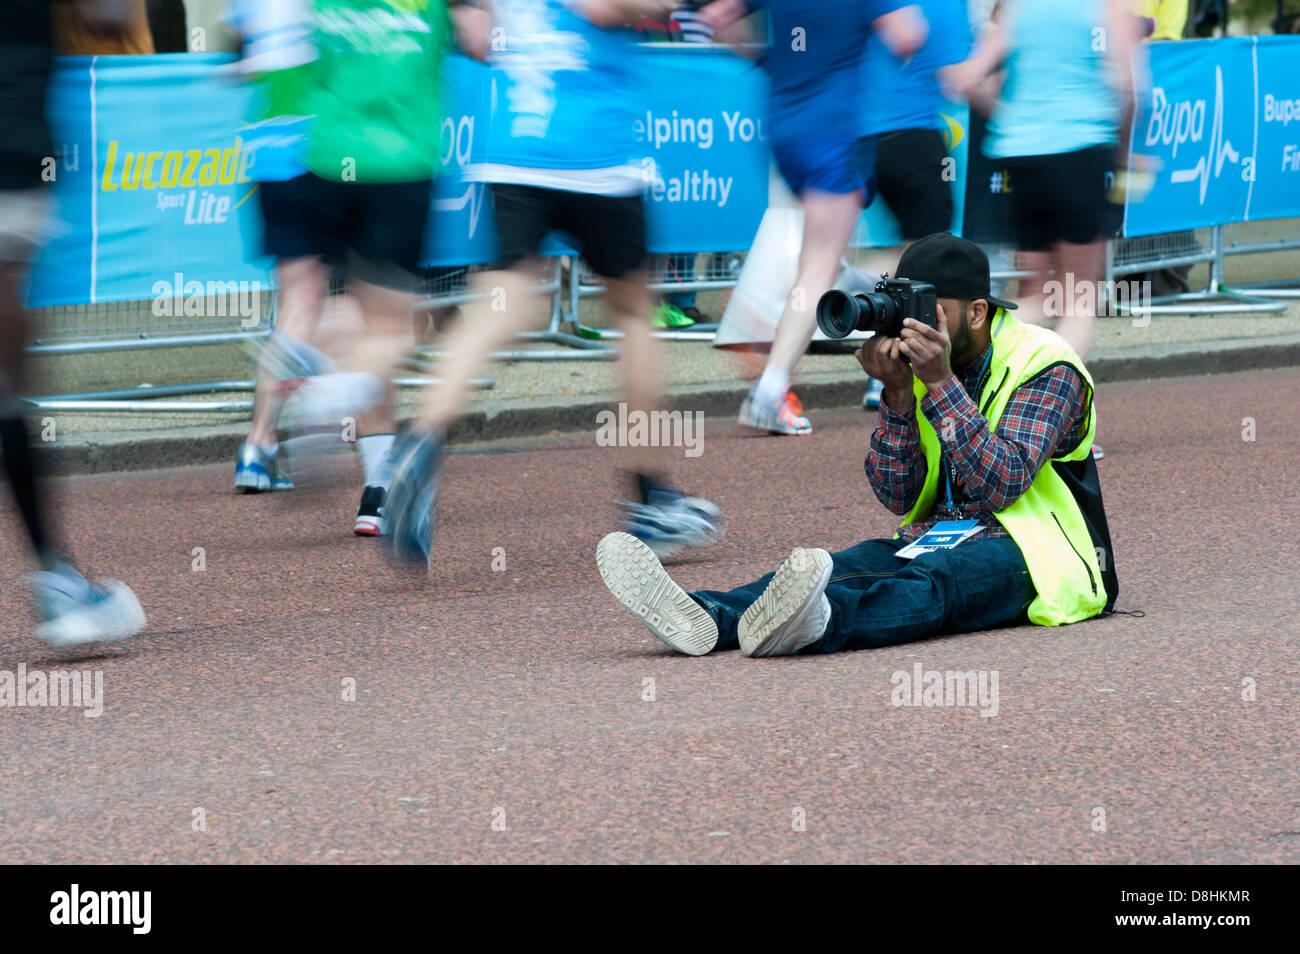 Una maratona foto fotografo di scattare le foto alla BUPA London 10k eseguire 2013, seduti in strada con guide sfocate Immagini Stock